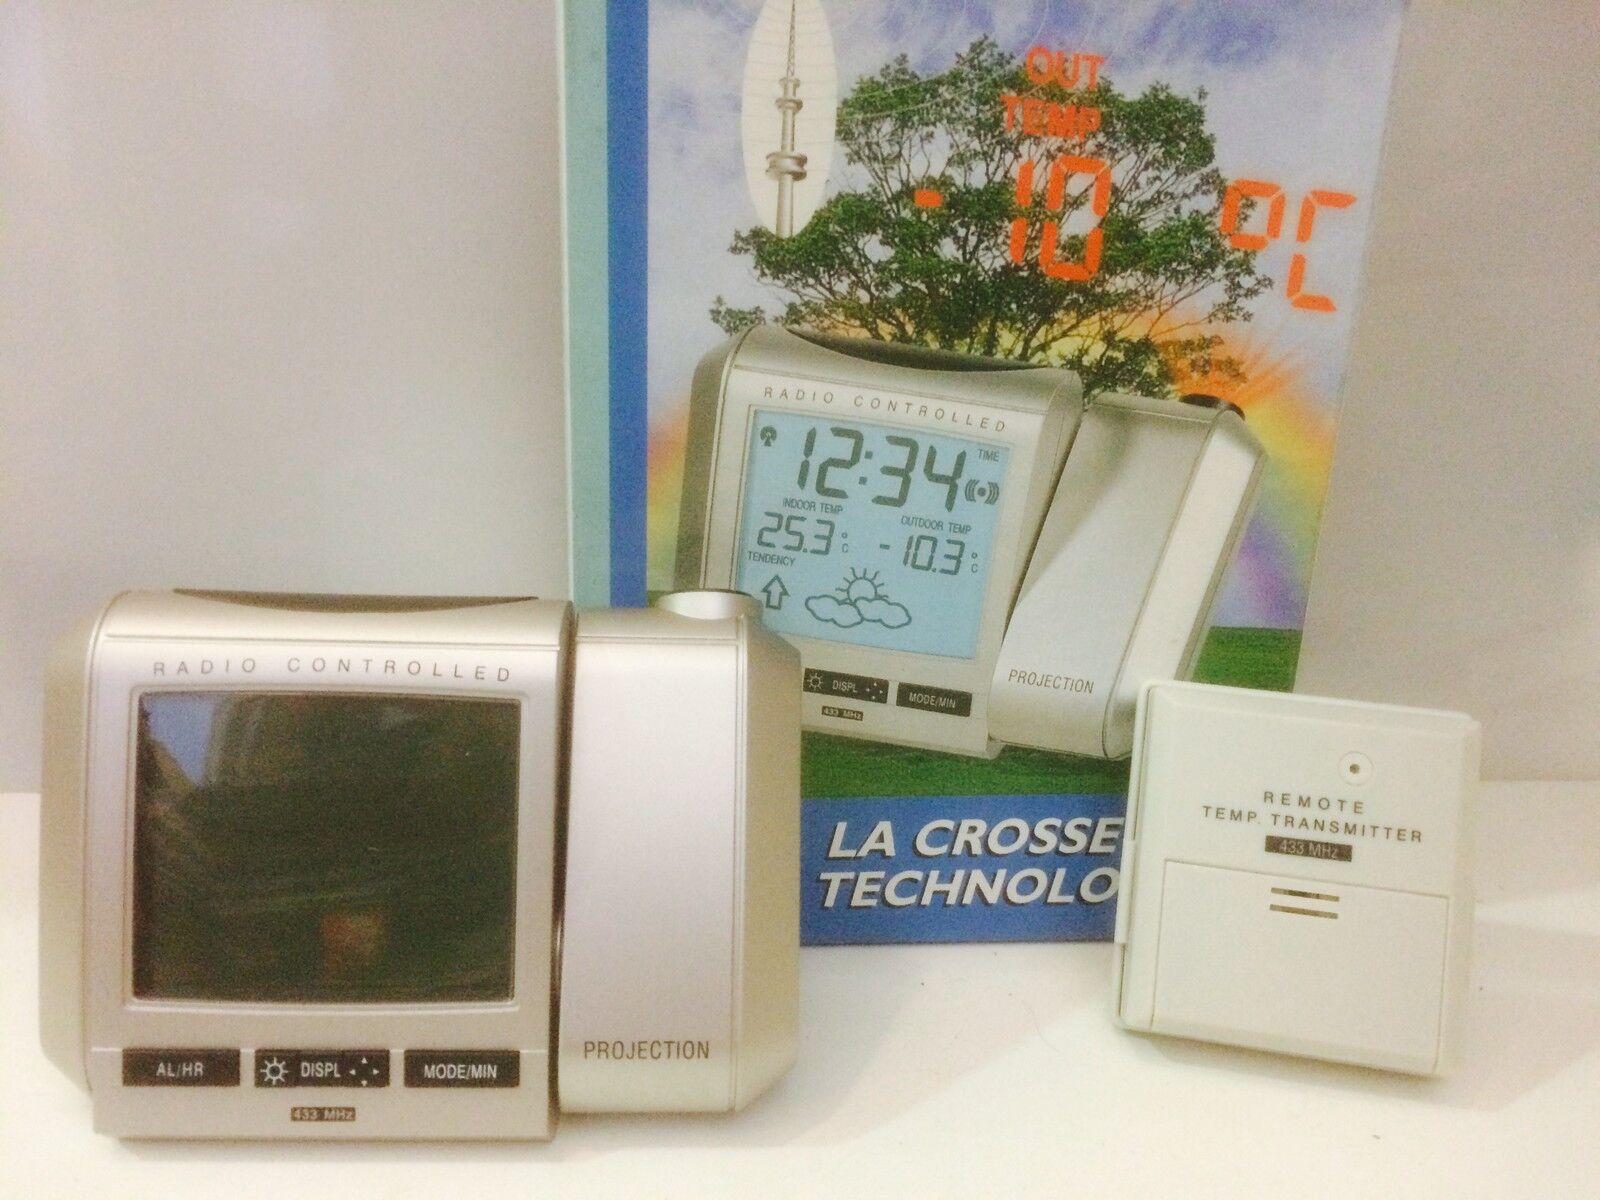 SVEGLIA RADIOCONTROLLATA  CON PROIEZIONE  LA CROSSE TECHNOLOGY  REF U42543